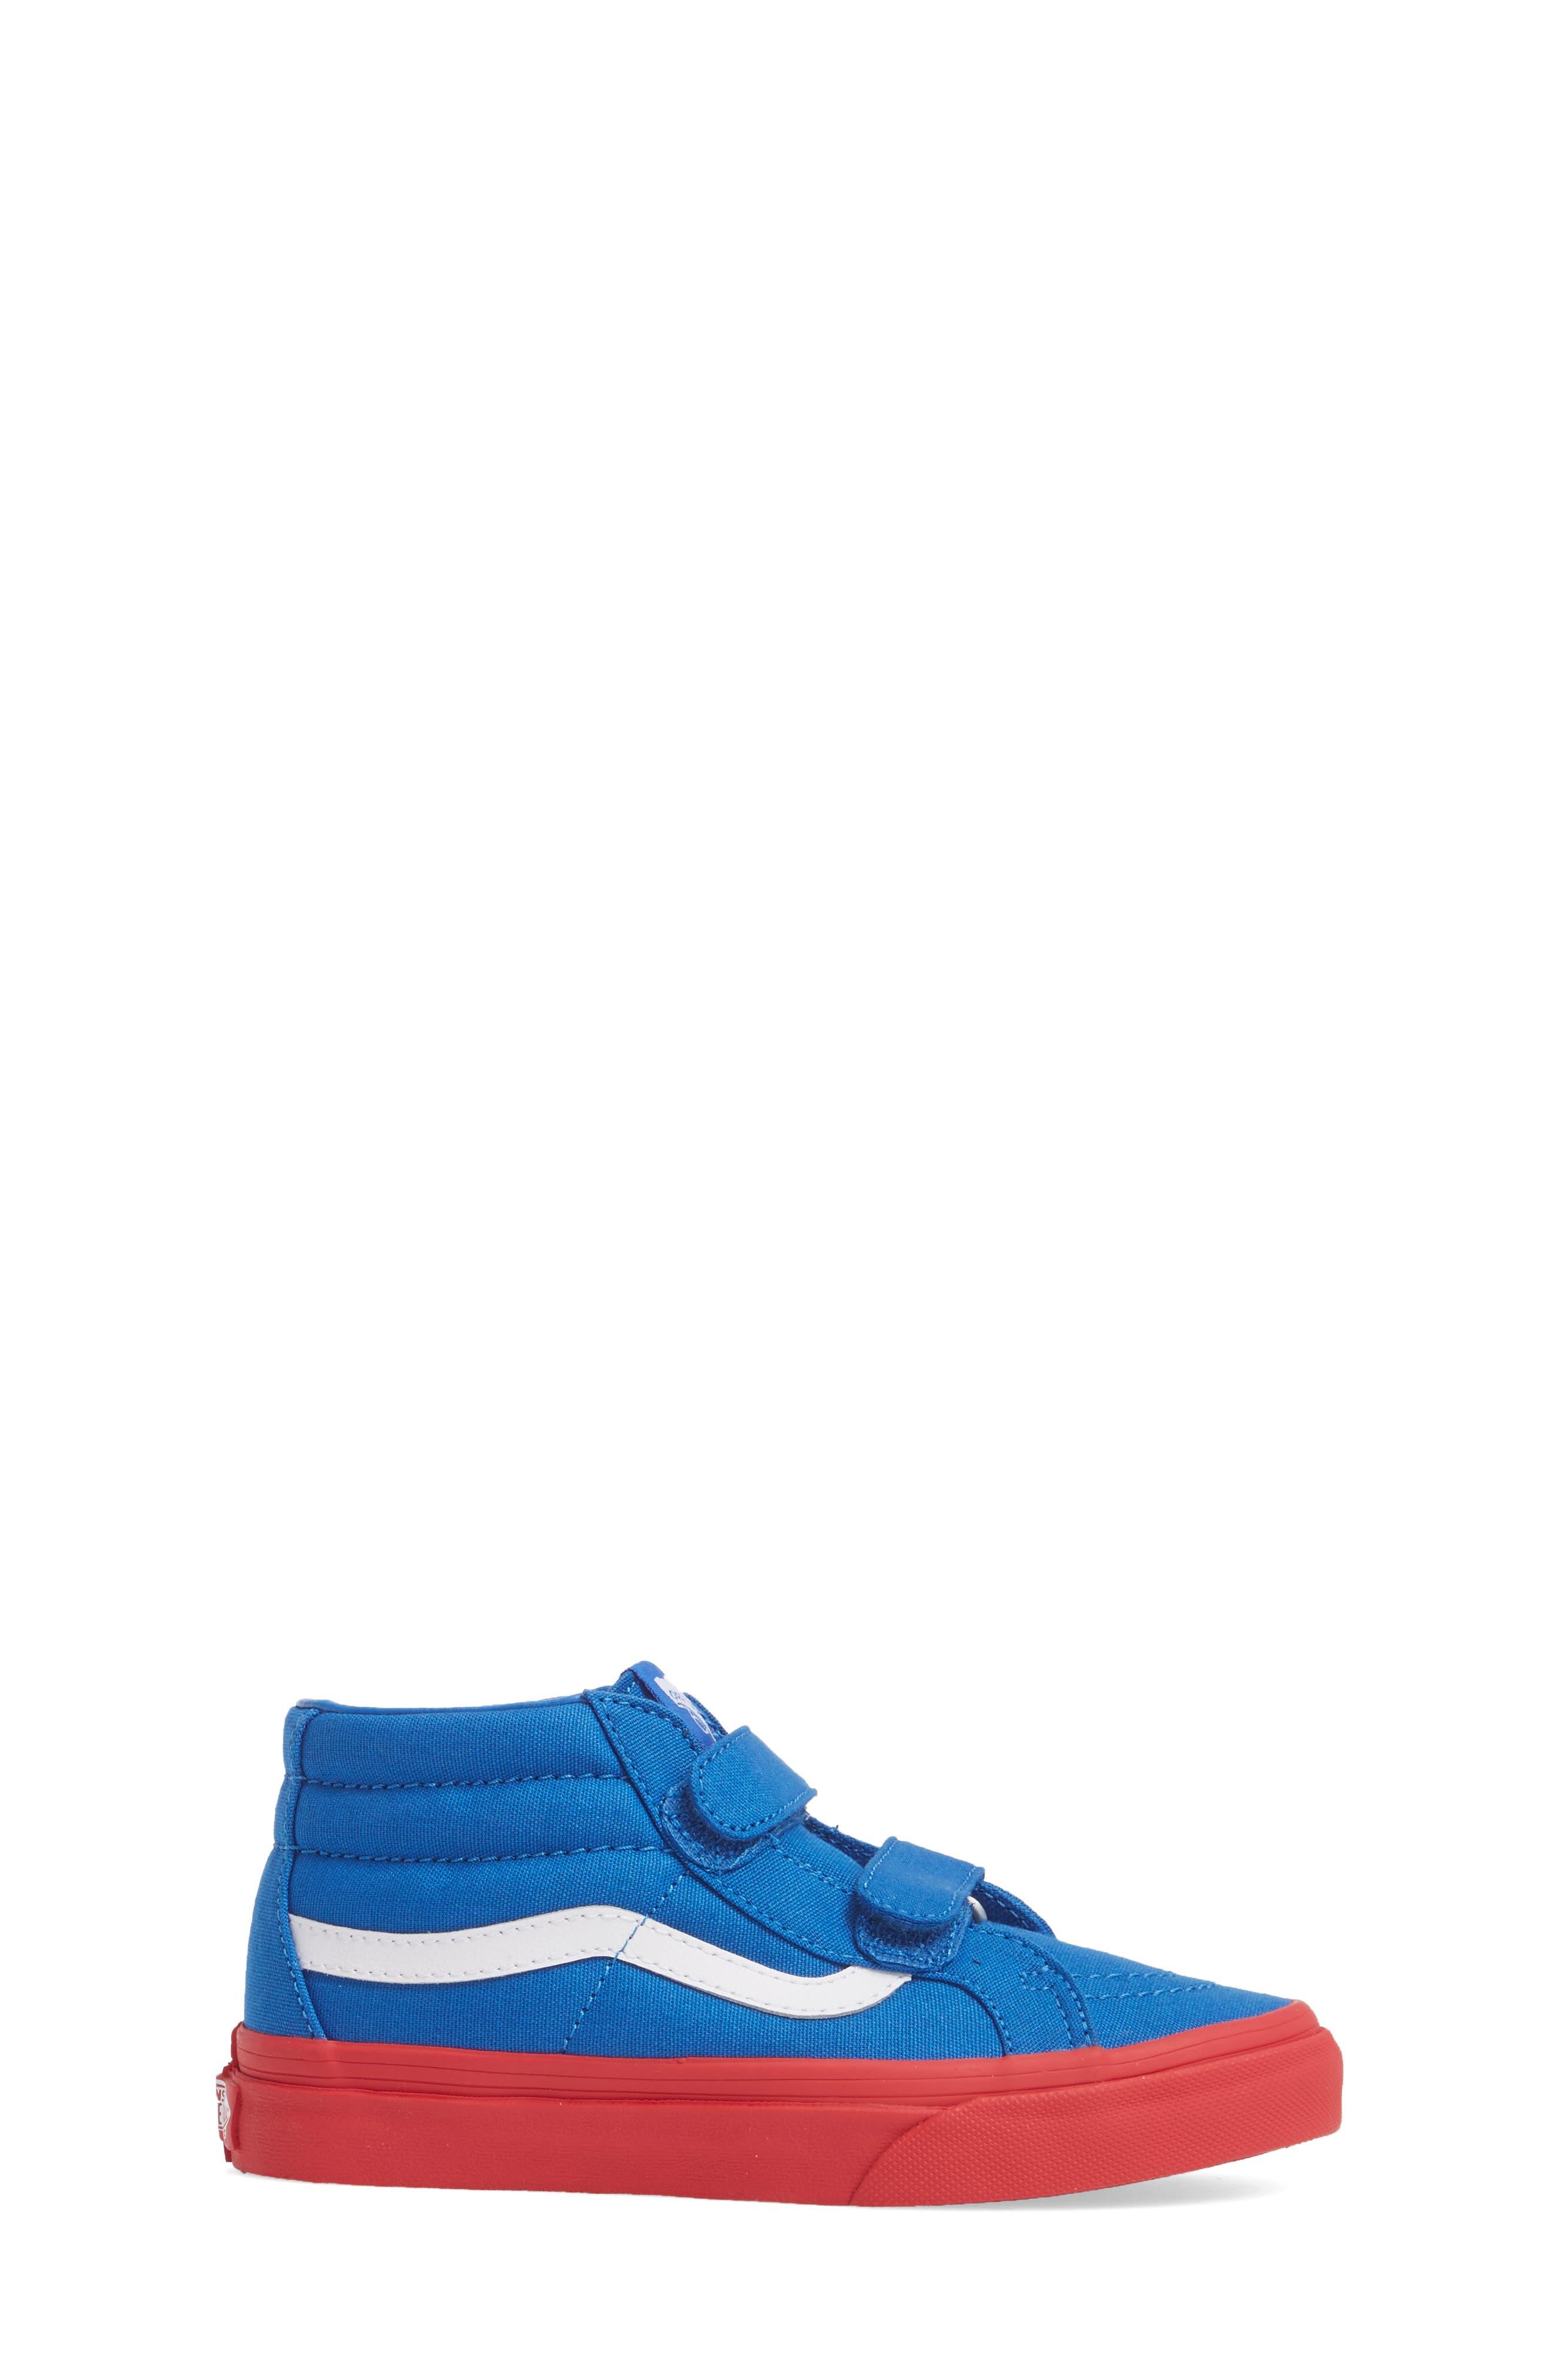 VANS,                             Sk8-Mid Reissue Sneaker,                             Alternate thumbnail 3, color,                             420